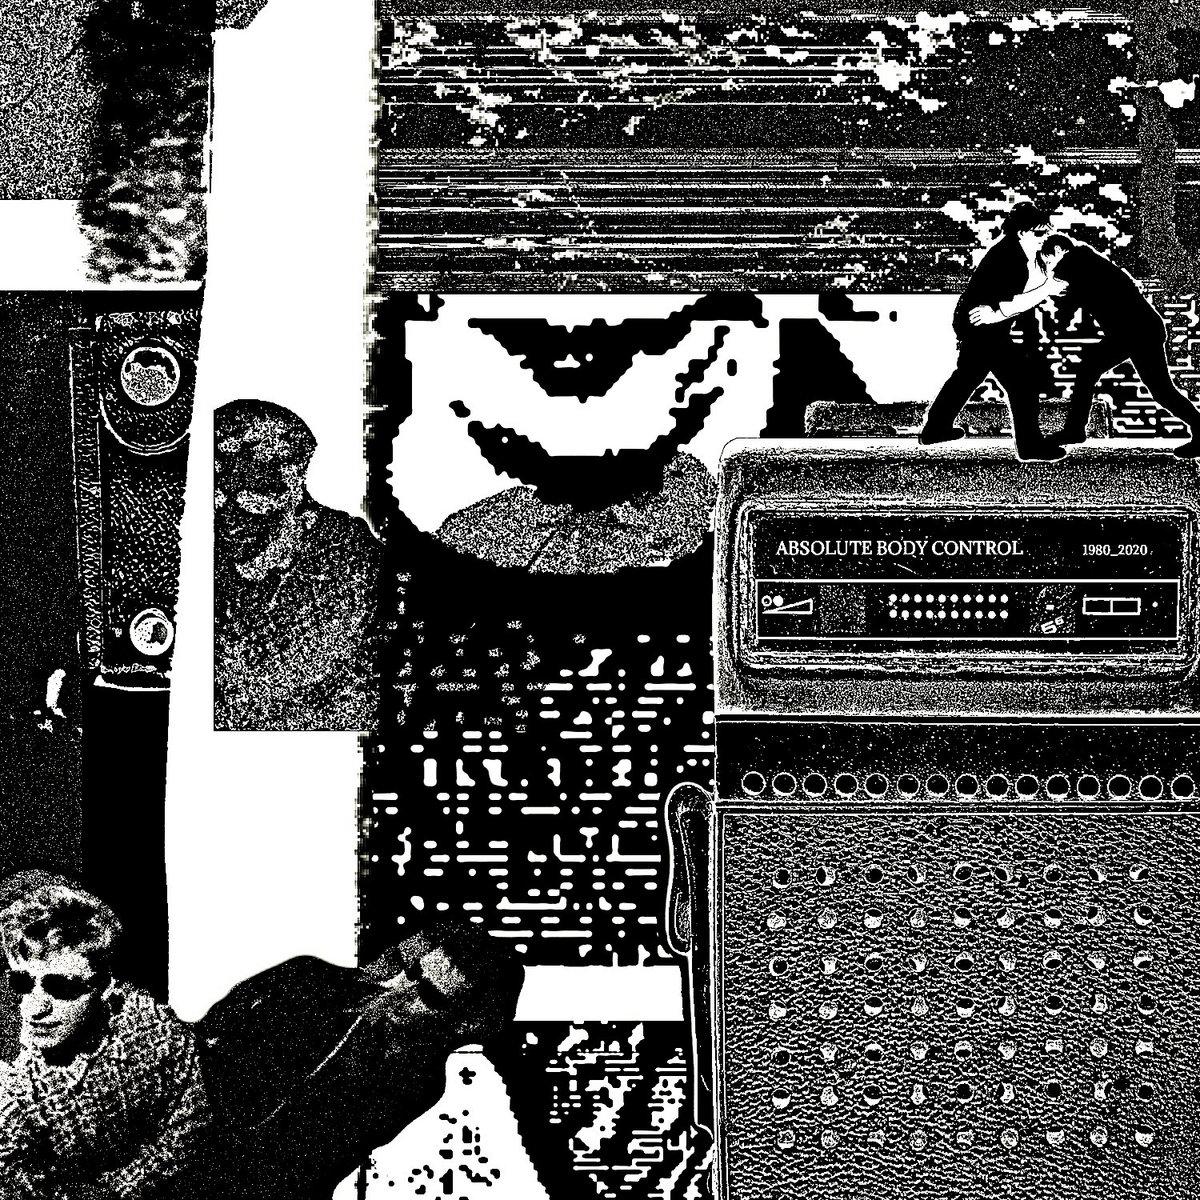 Oráculo Records lança compilação tributo aos Absolute Body Control